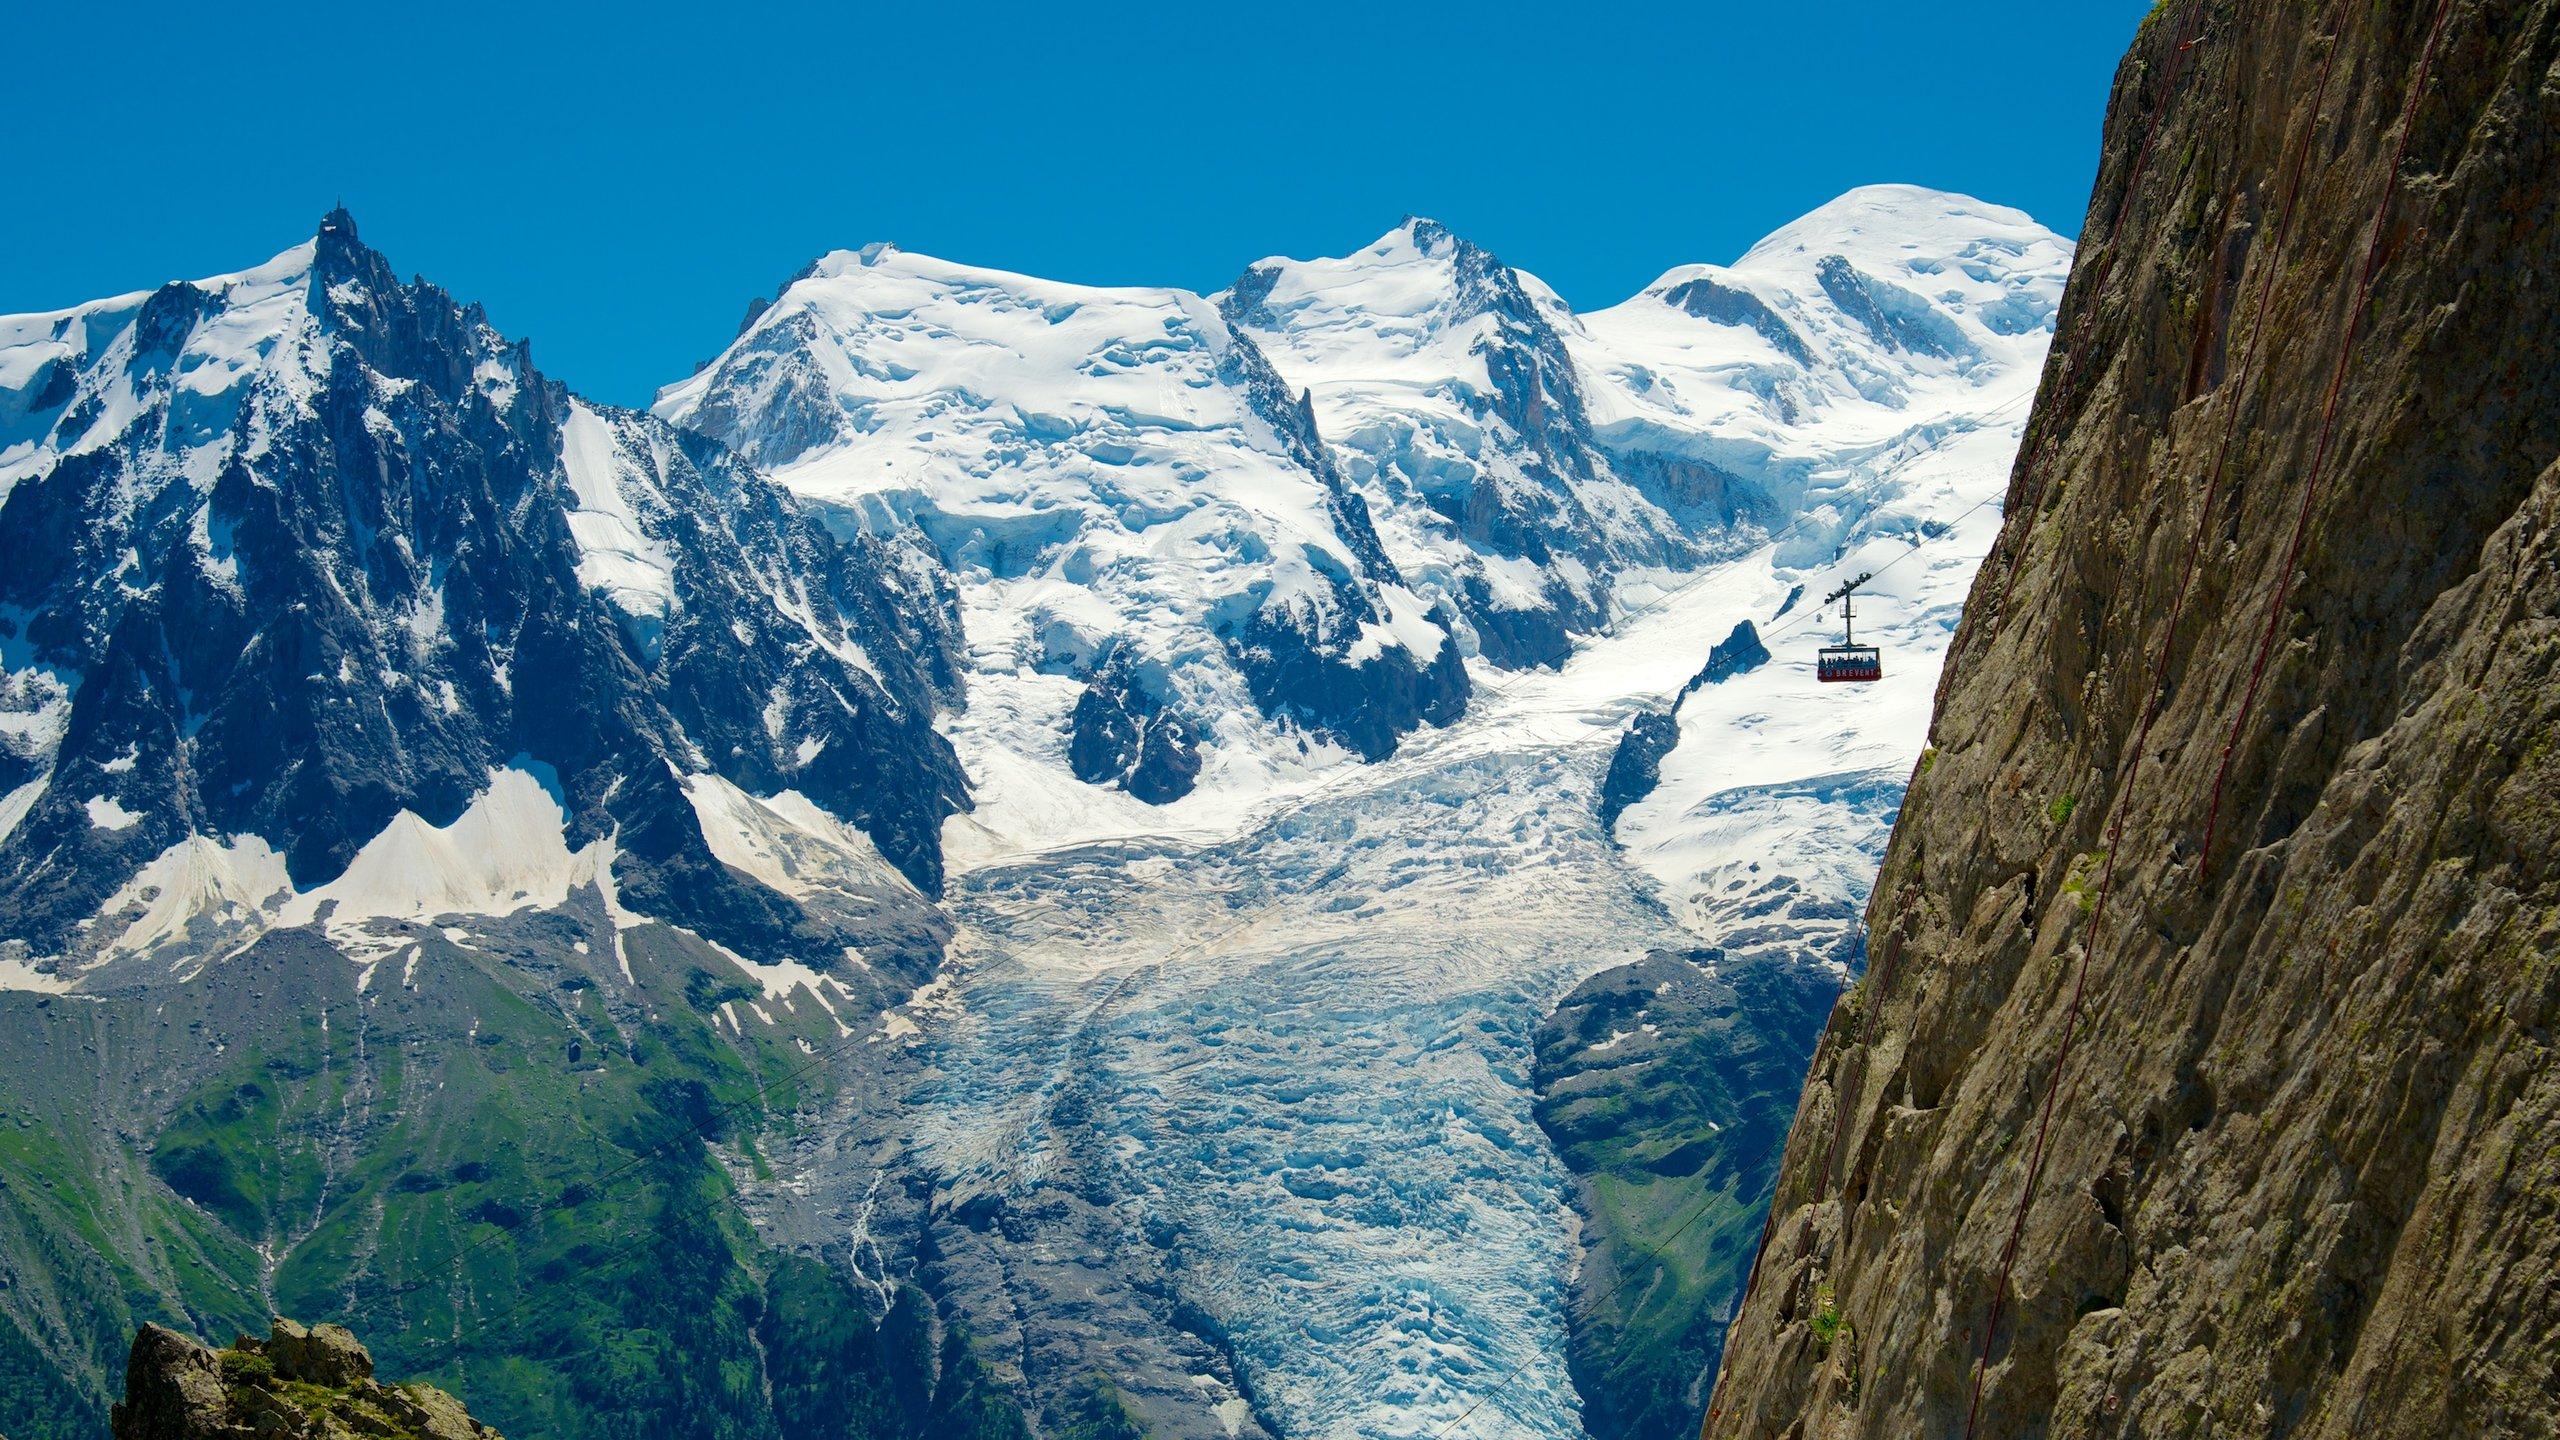 Chamonix City Centre, Chamonix-Mont-Blanc, Haute-Savoie, France